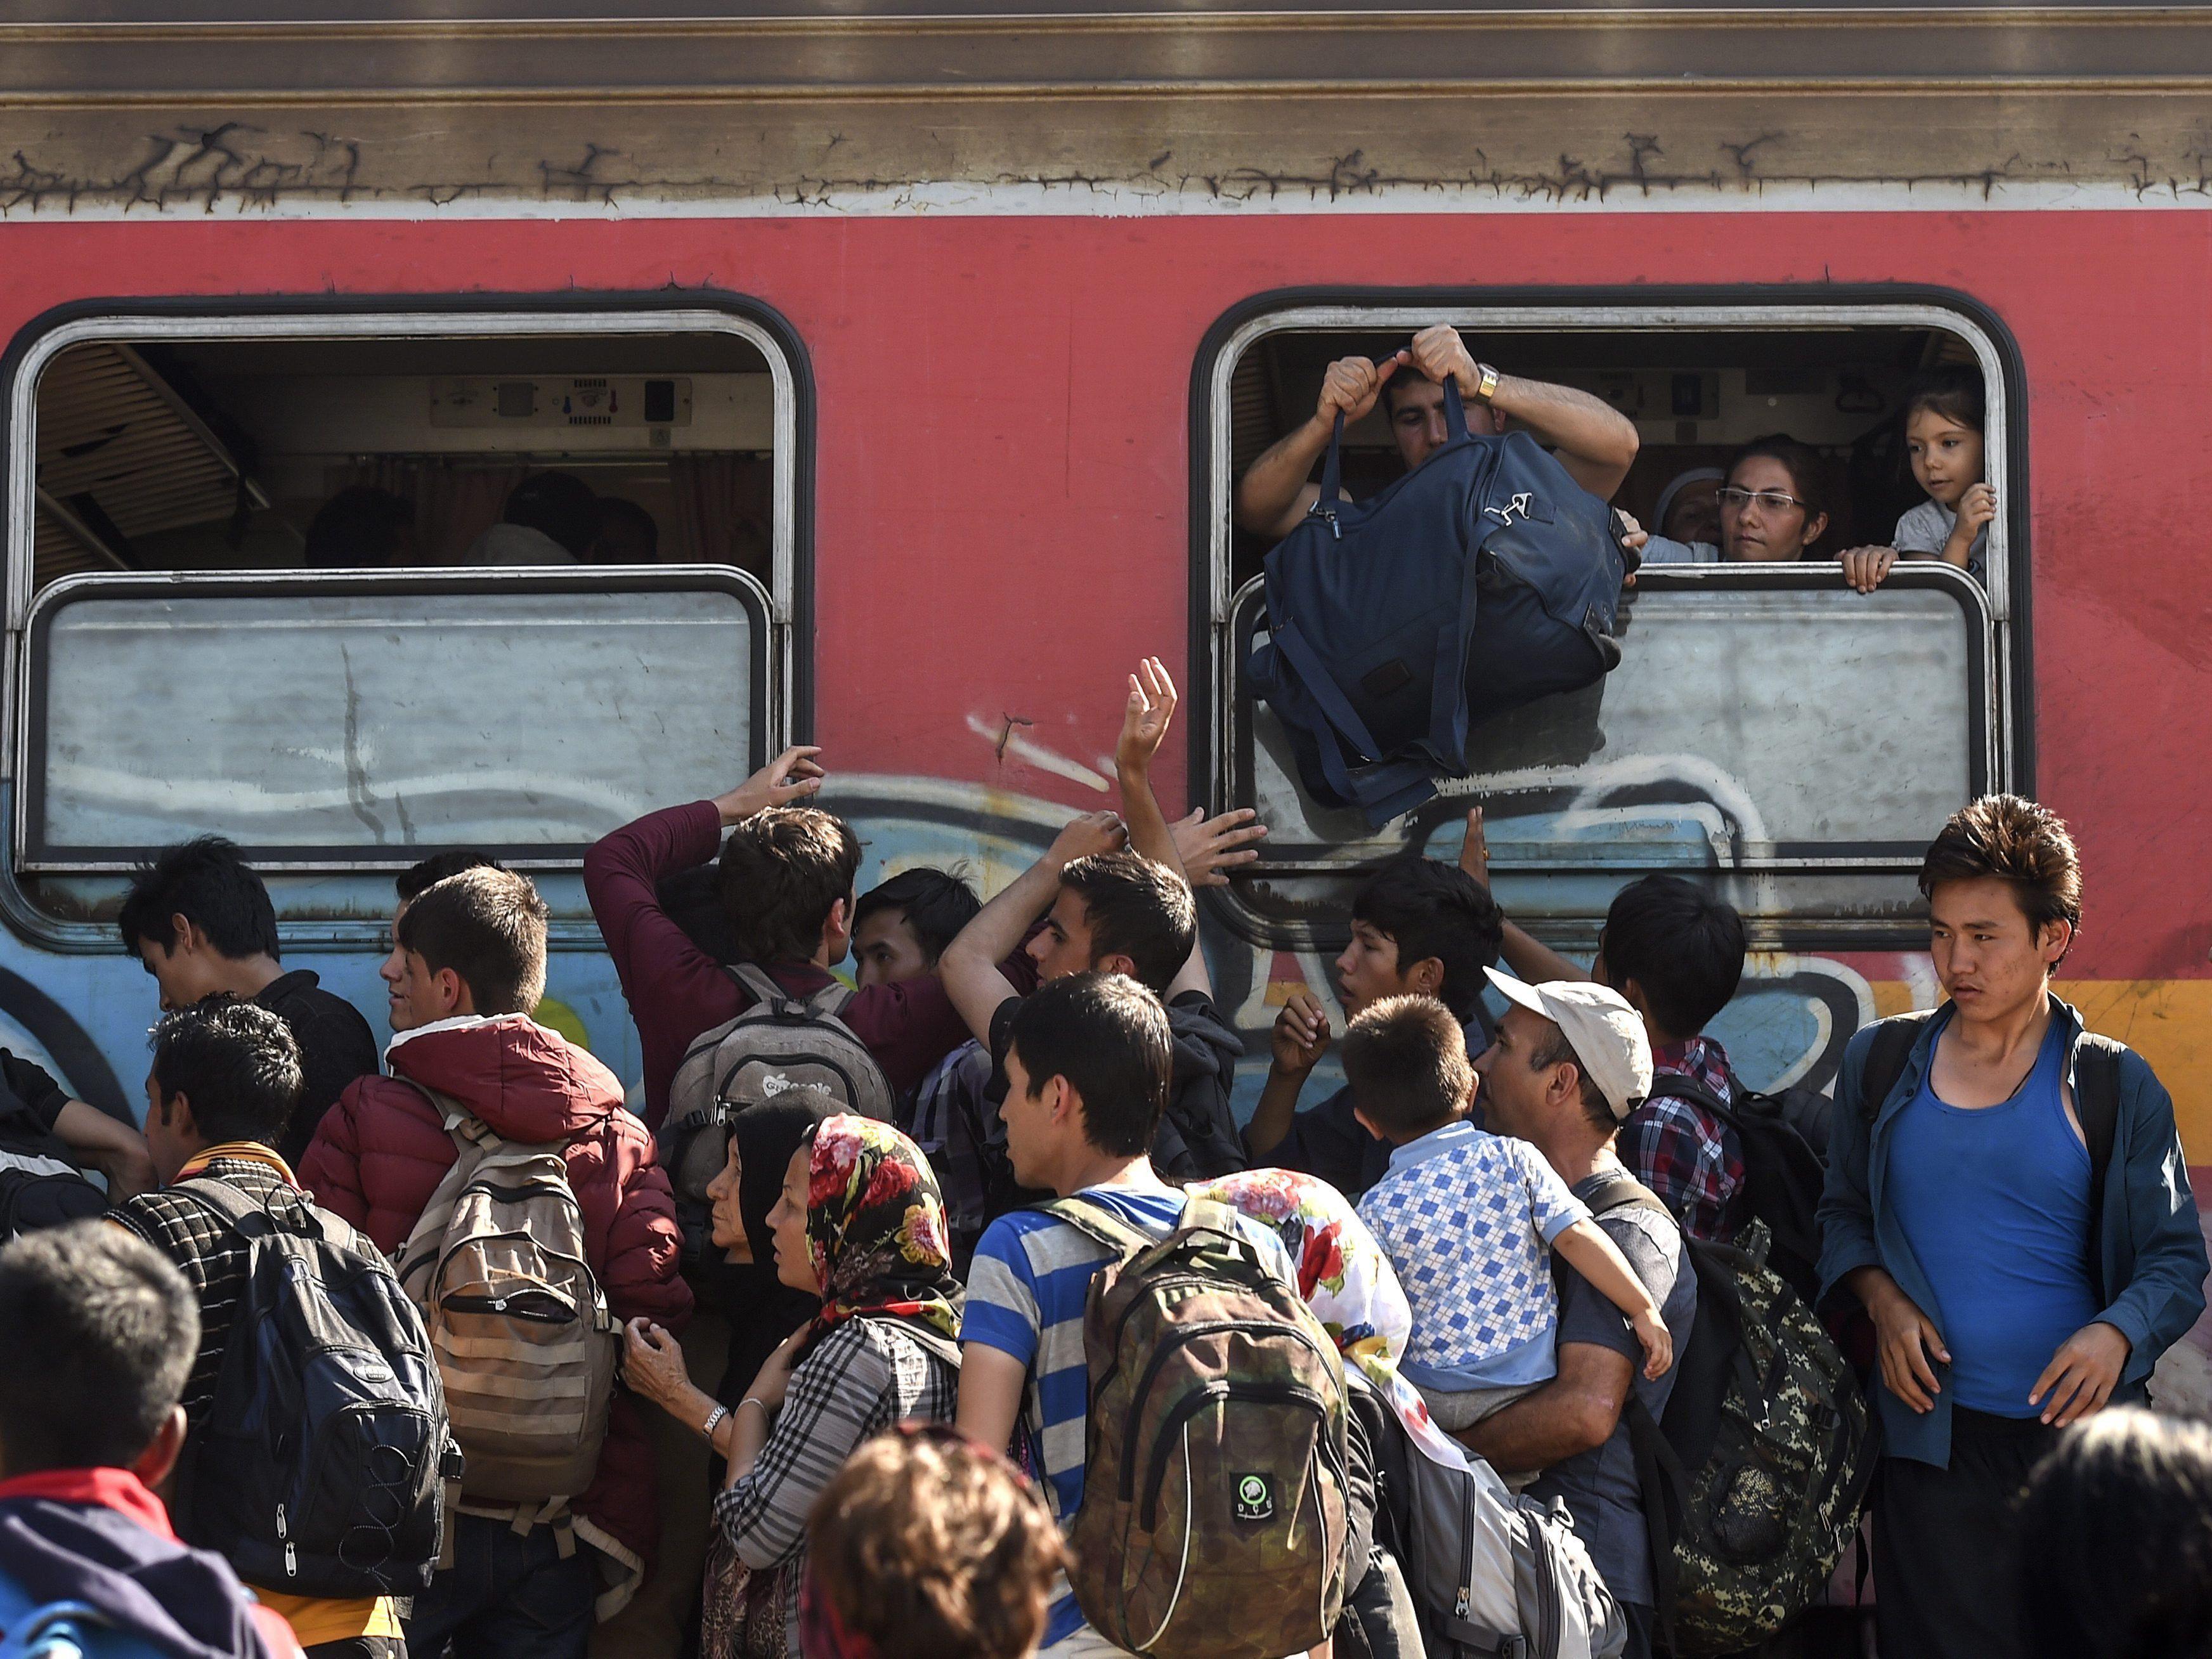 """Von """"Wirtschaftsflüchtlingen"""" über """"ruhige Flecken in Syrien"""": Experten halten wenig von gängigen Behauptungen."""